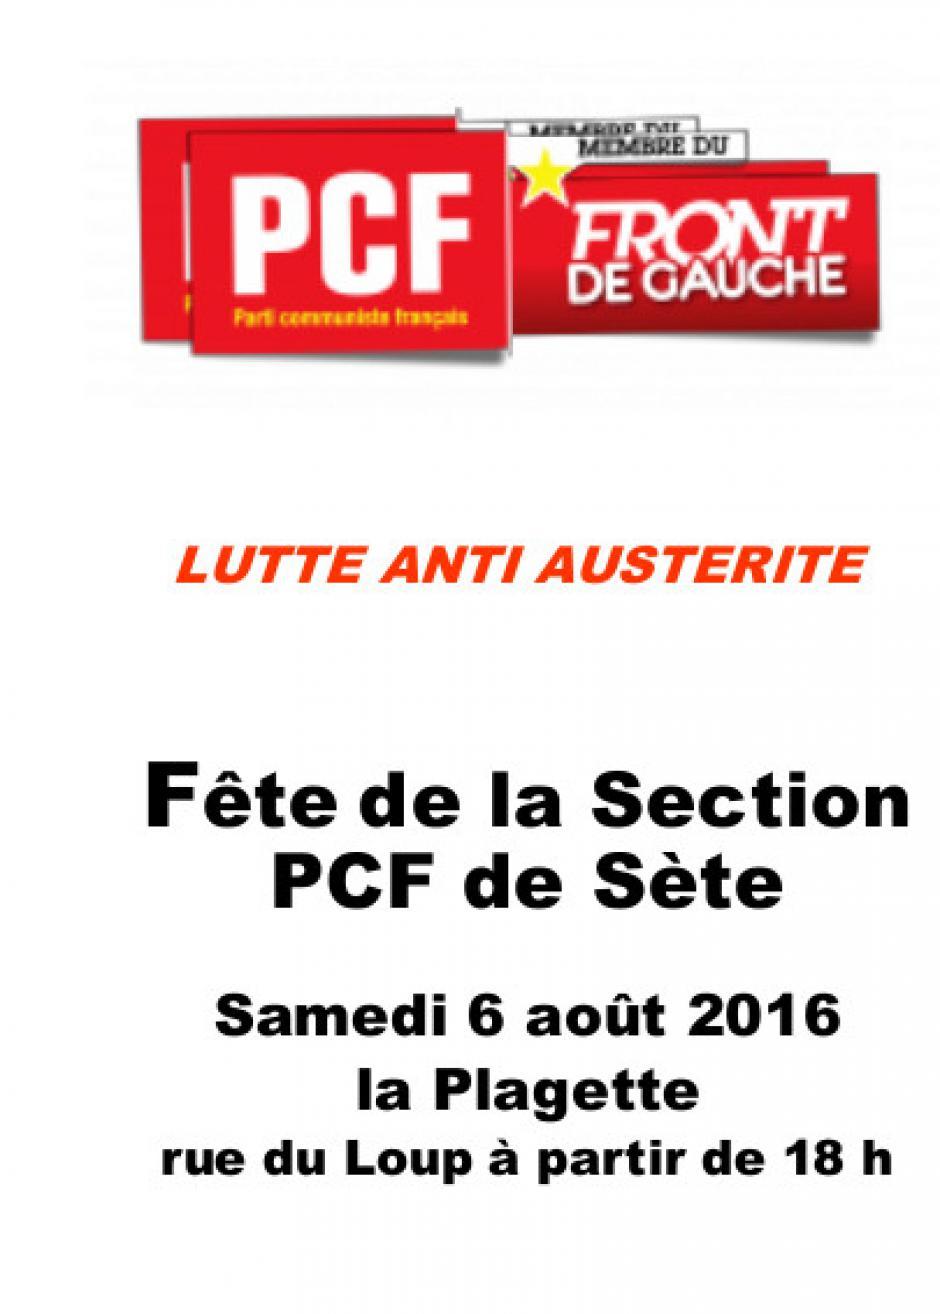 Sète - La plagette : Fête de la section du PCF de Sète